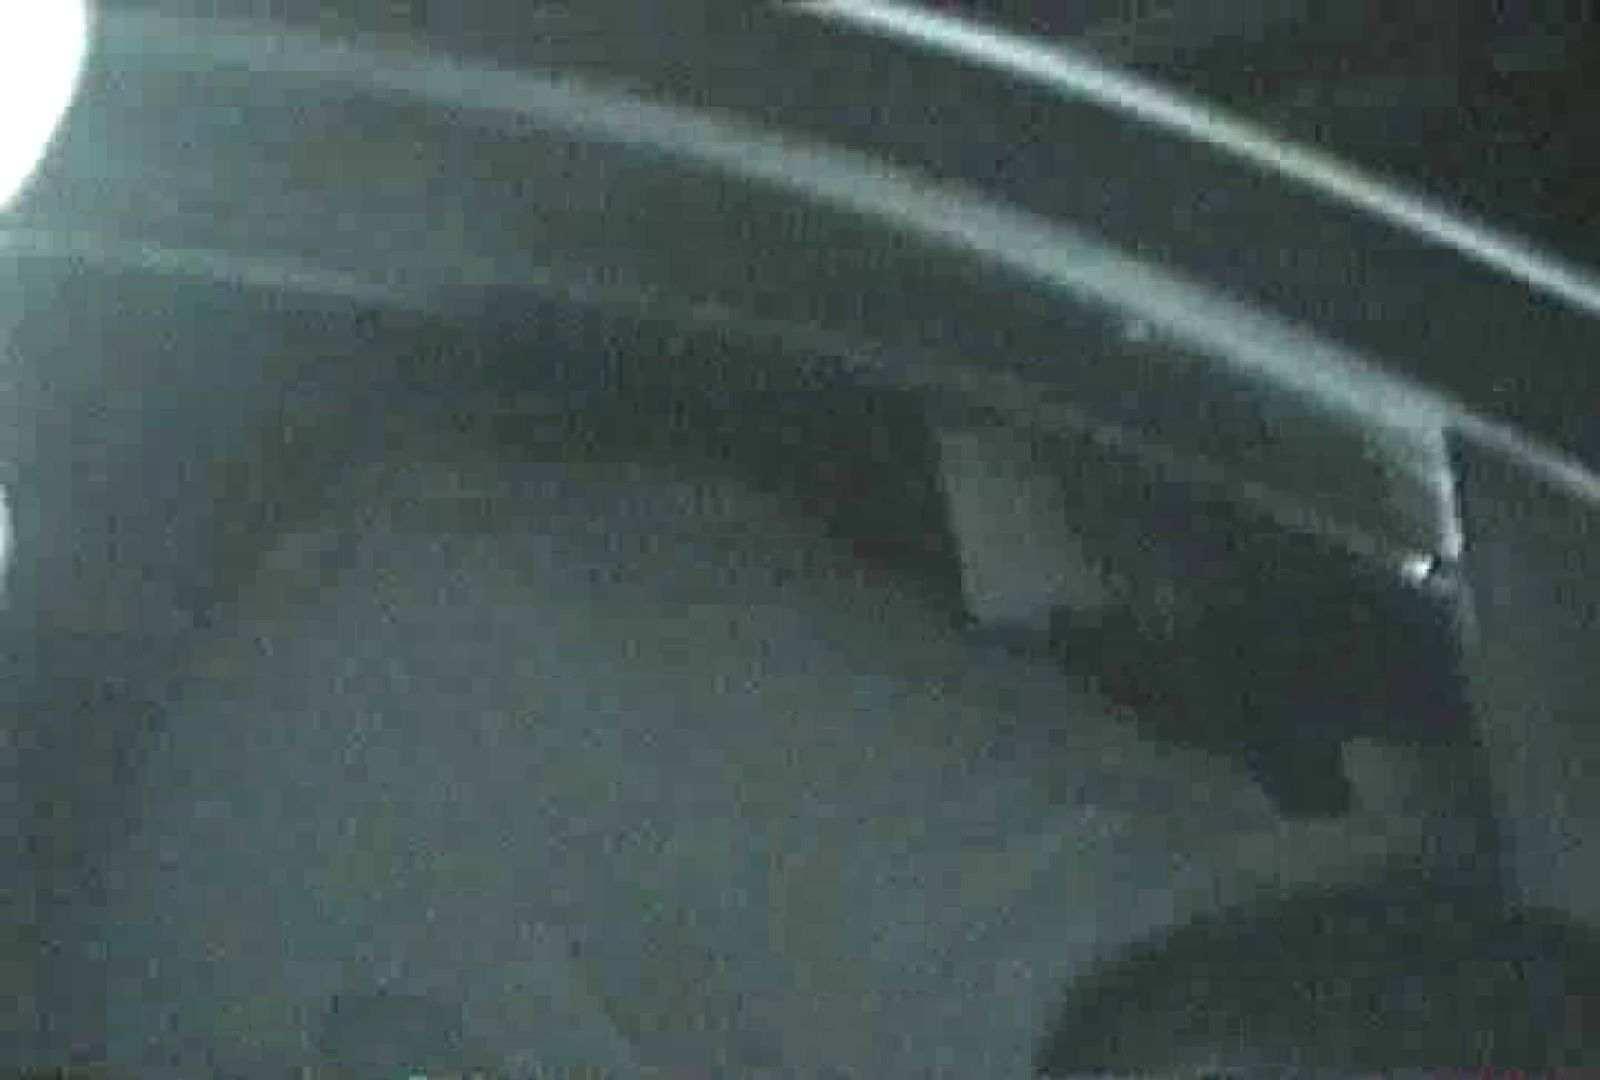 充血監督の深夜の運動会Vol.54 フェラ 隠し撮りオマンコ動画紹介 103pic 98